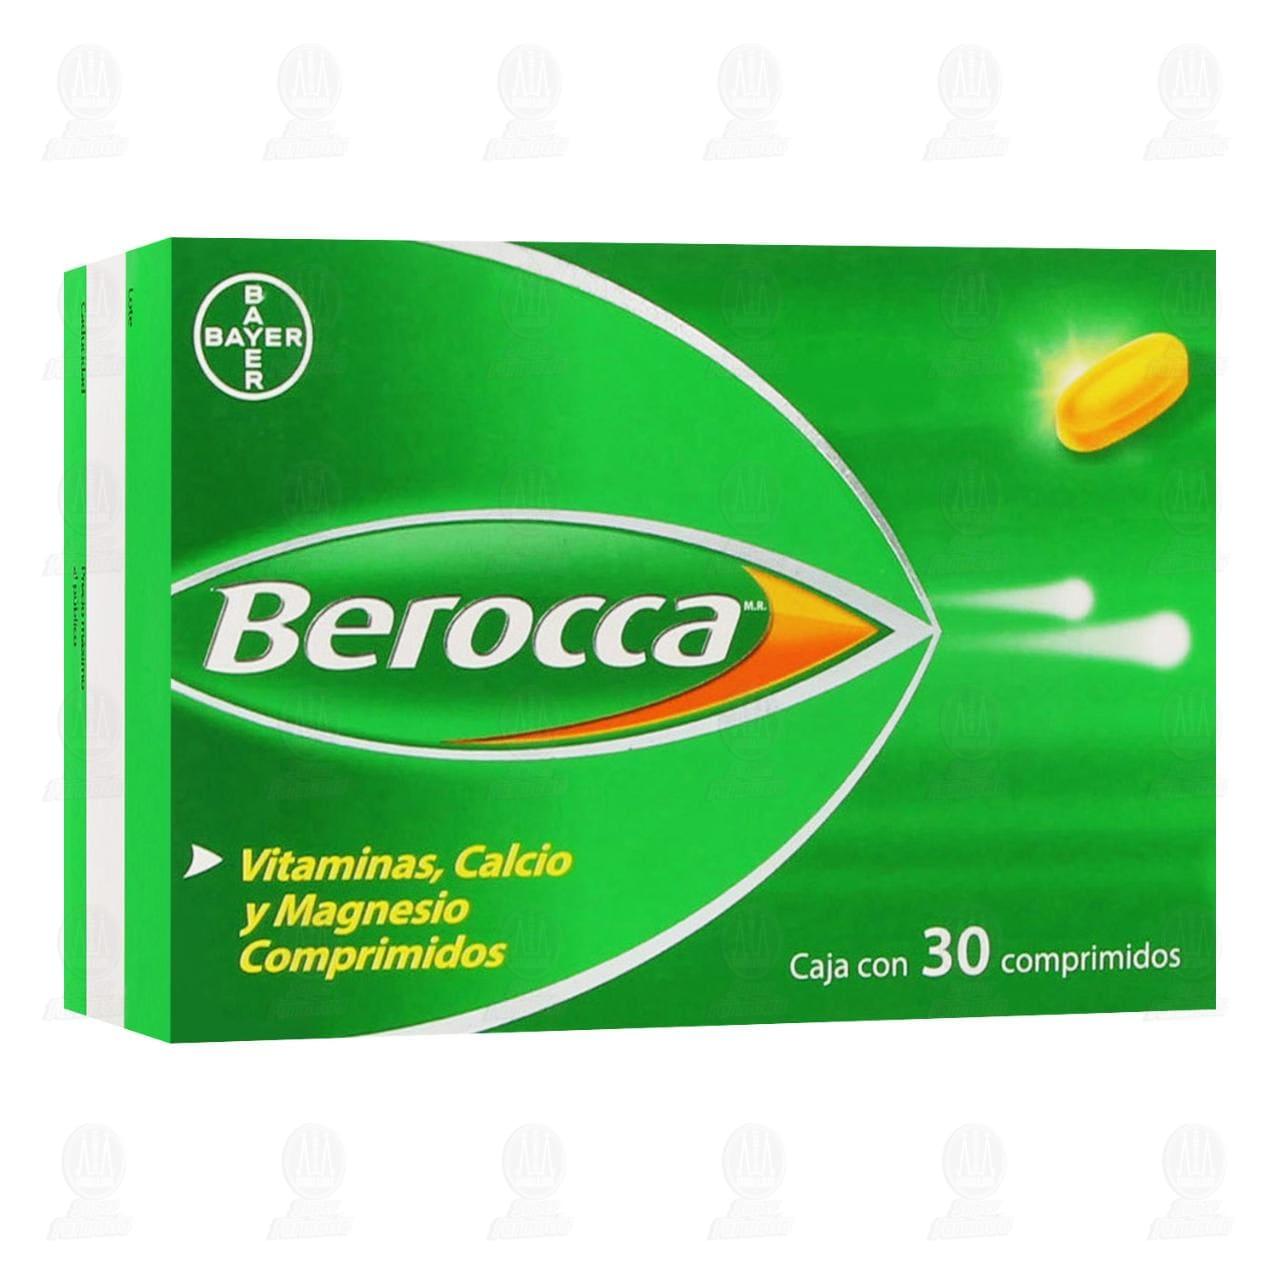 Comprar Berocca 30 Comprimidos en Farmacias Guadalajara